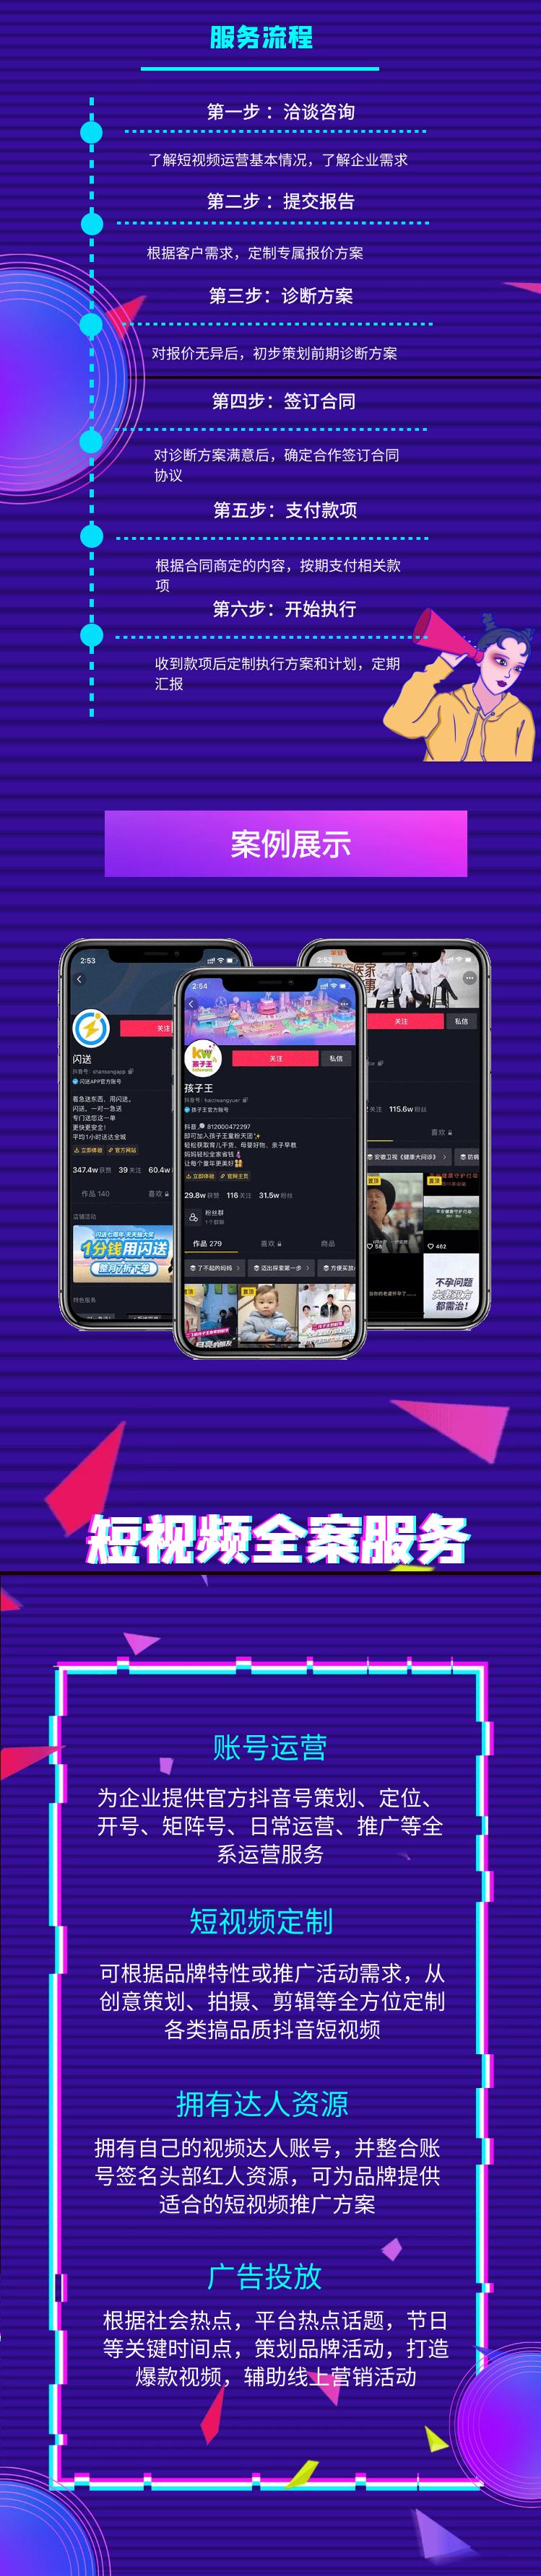 短视频代运营-开放平台推广图(新)_看图王.png